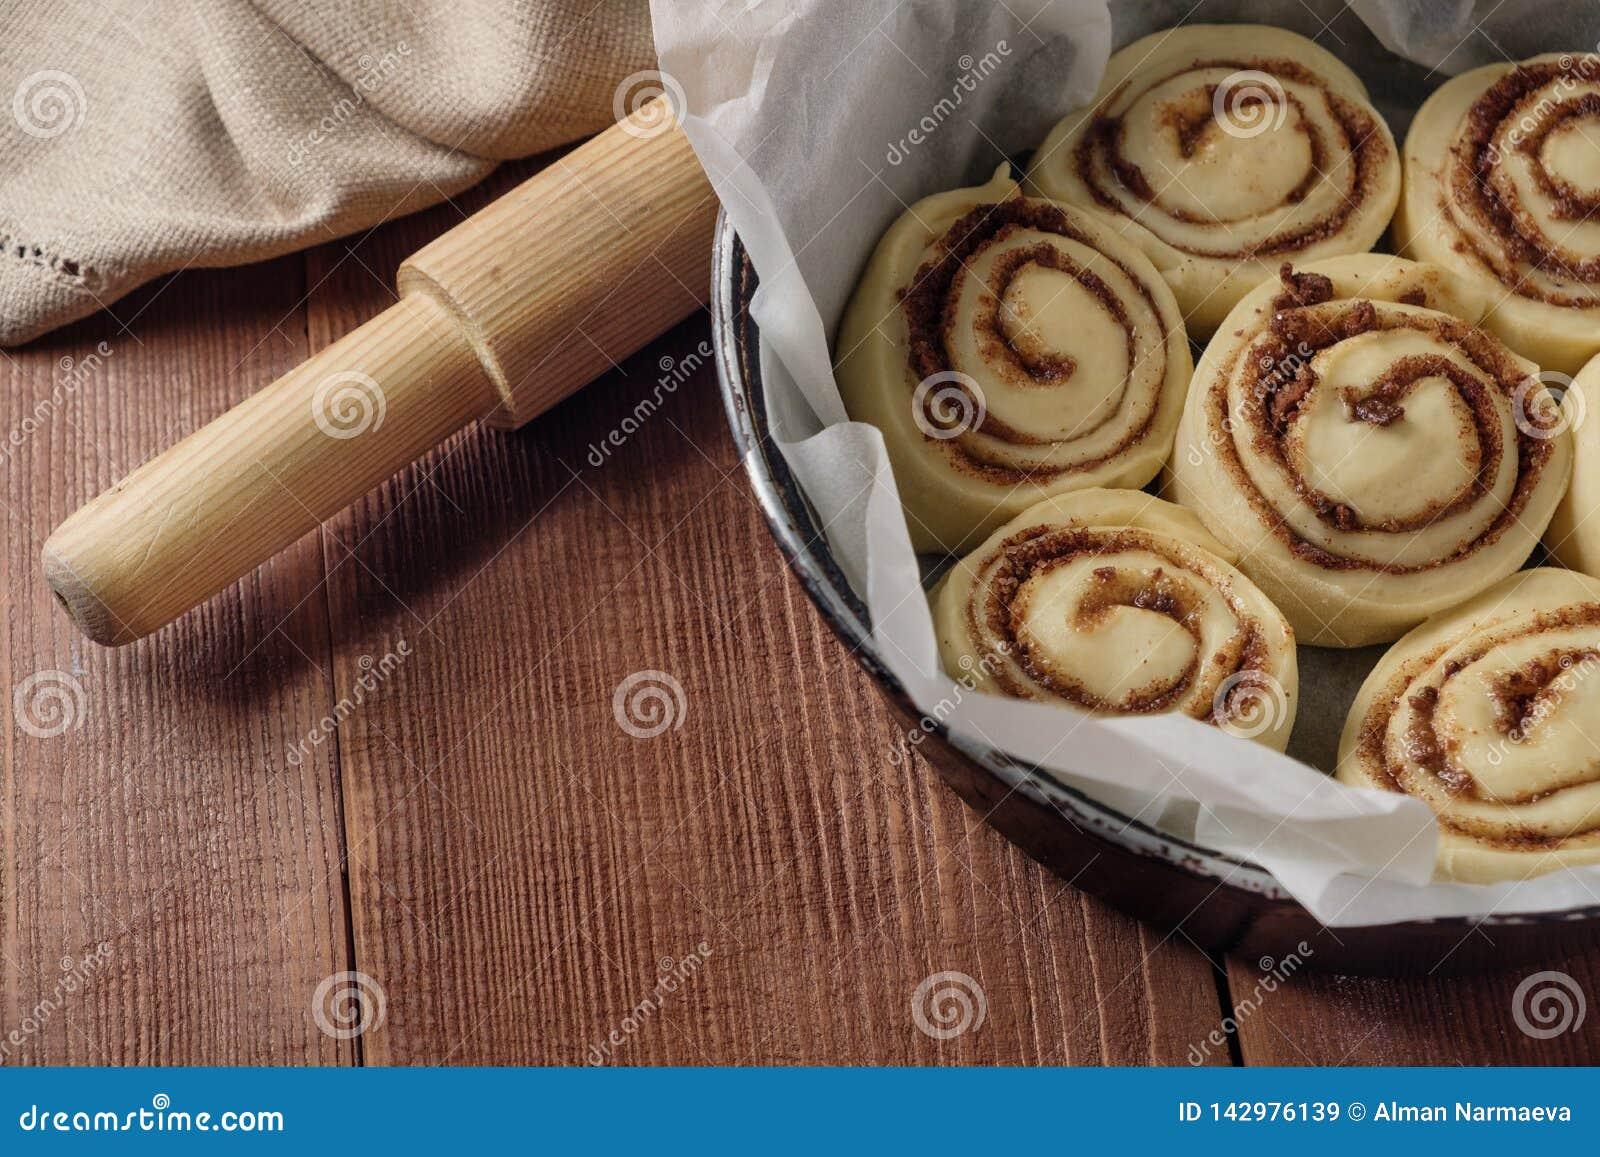 Cannelle Rolls Petits pains de cannelle fraîchement cuits au four avec les épices et le cacao remplissant sur le papier parchemin